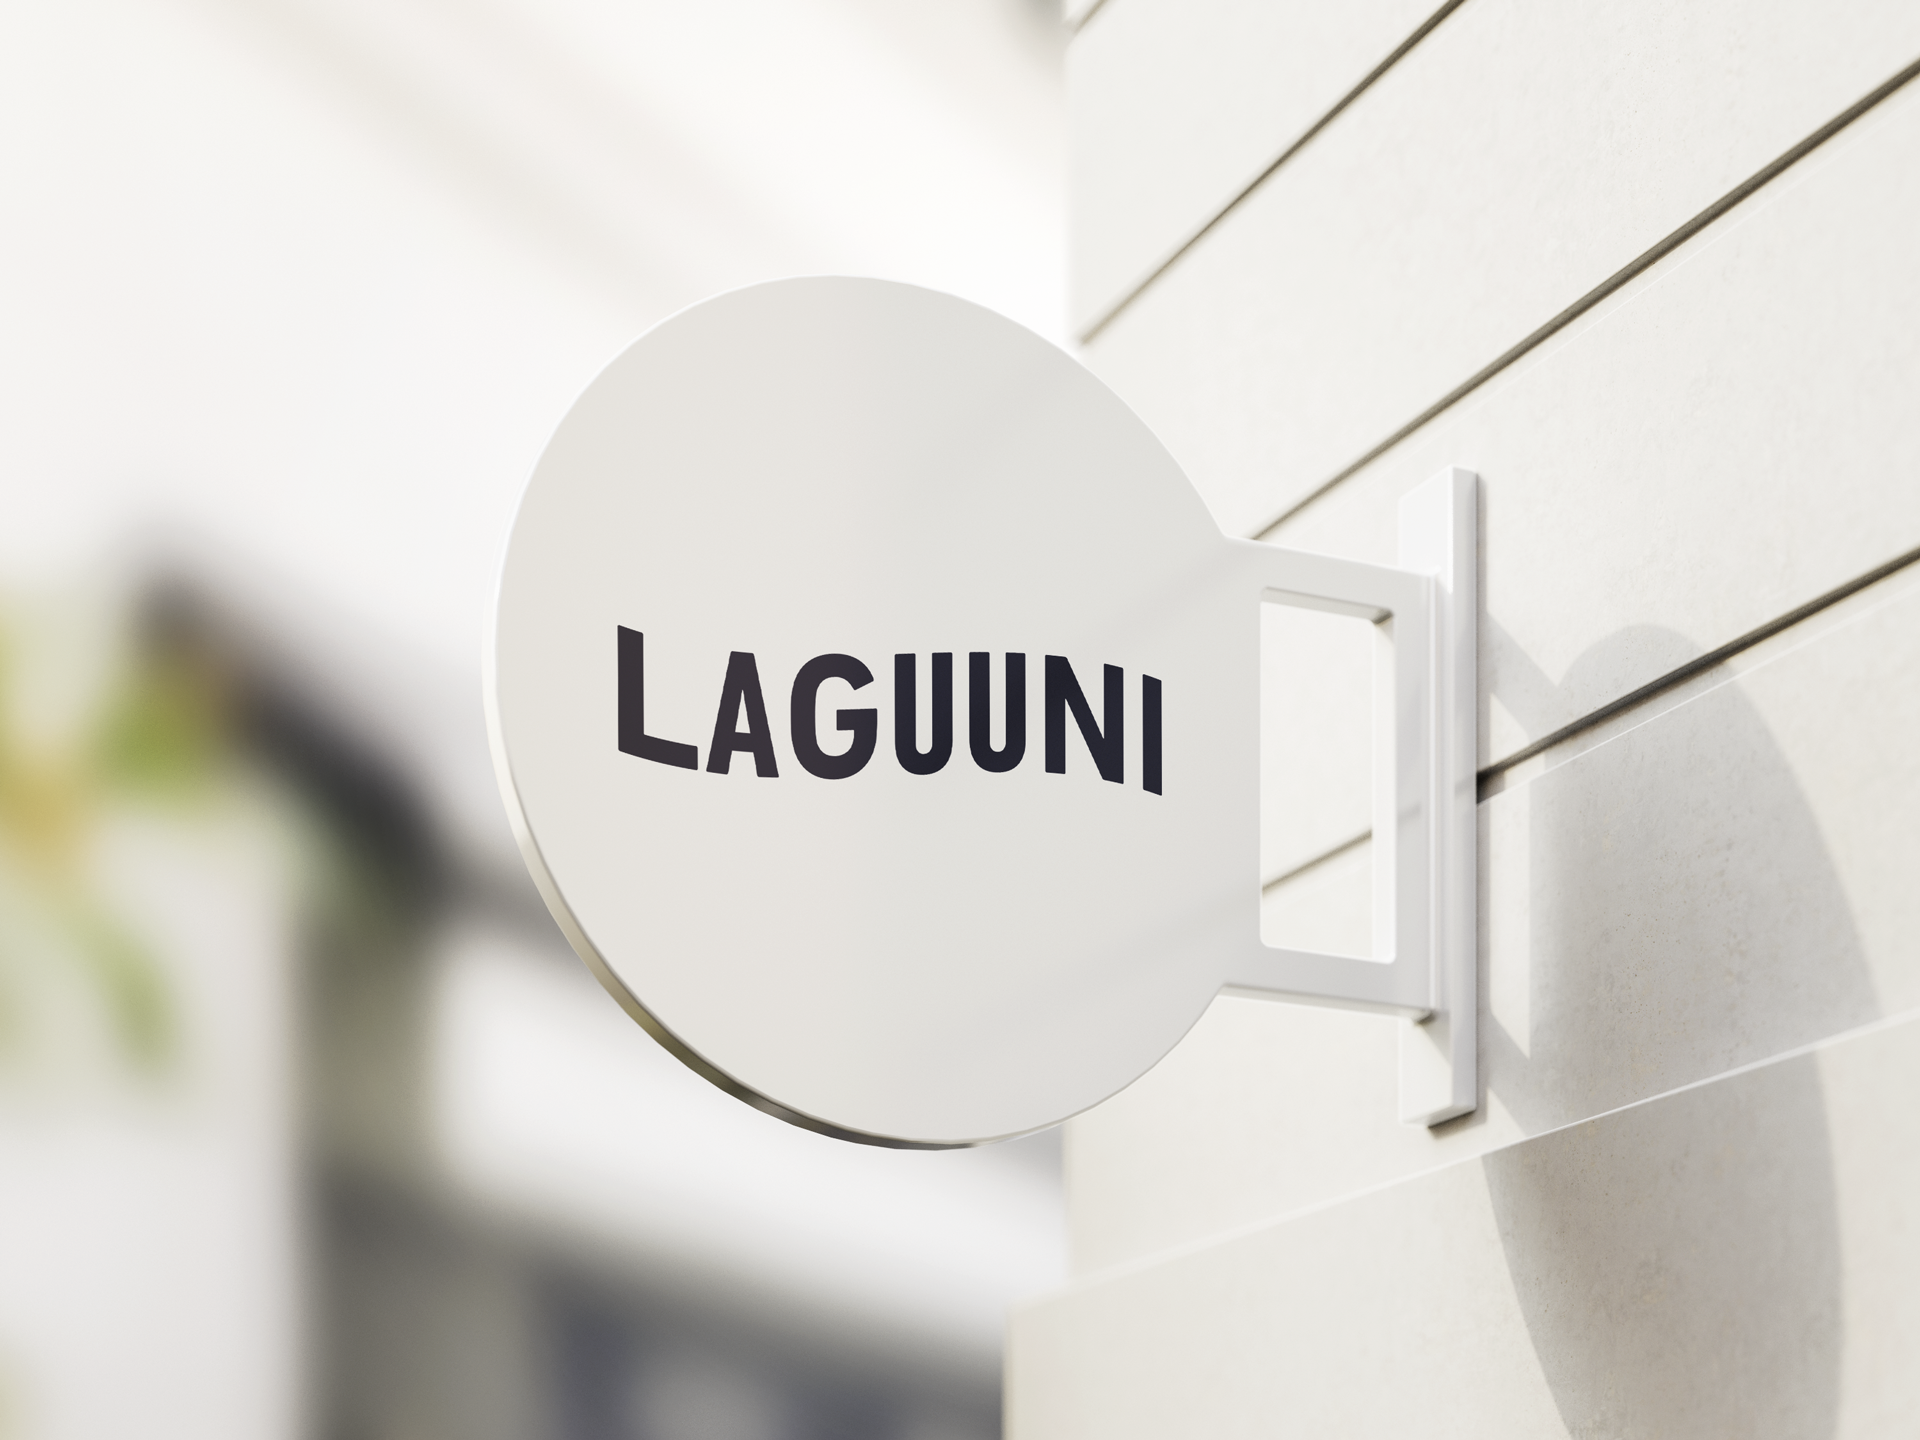 laguuni-sign.png